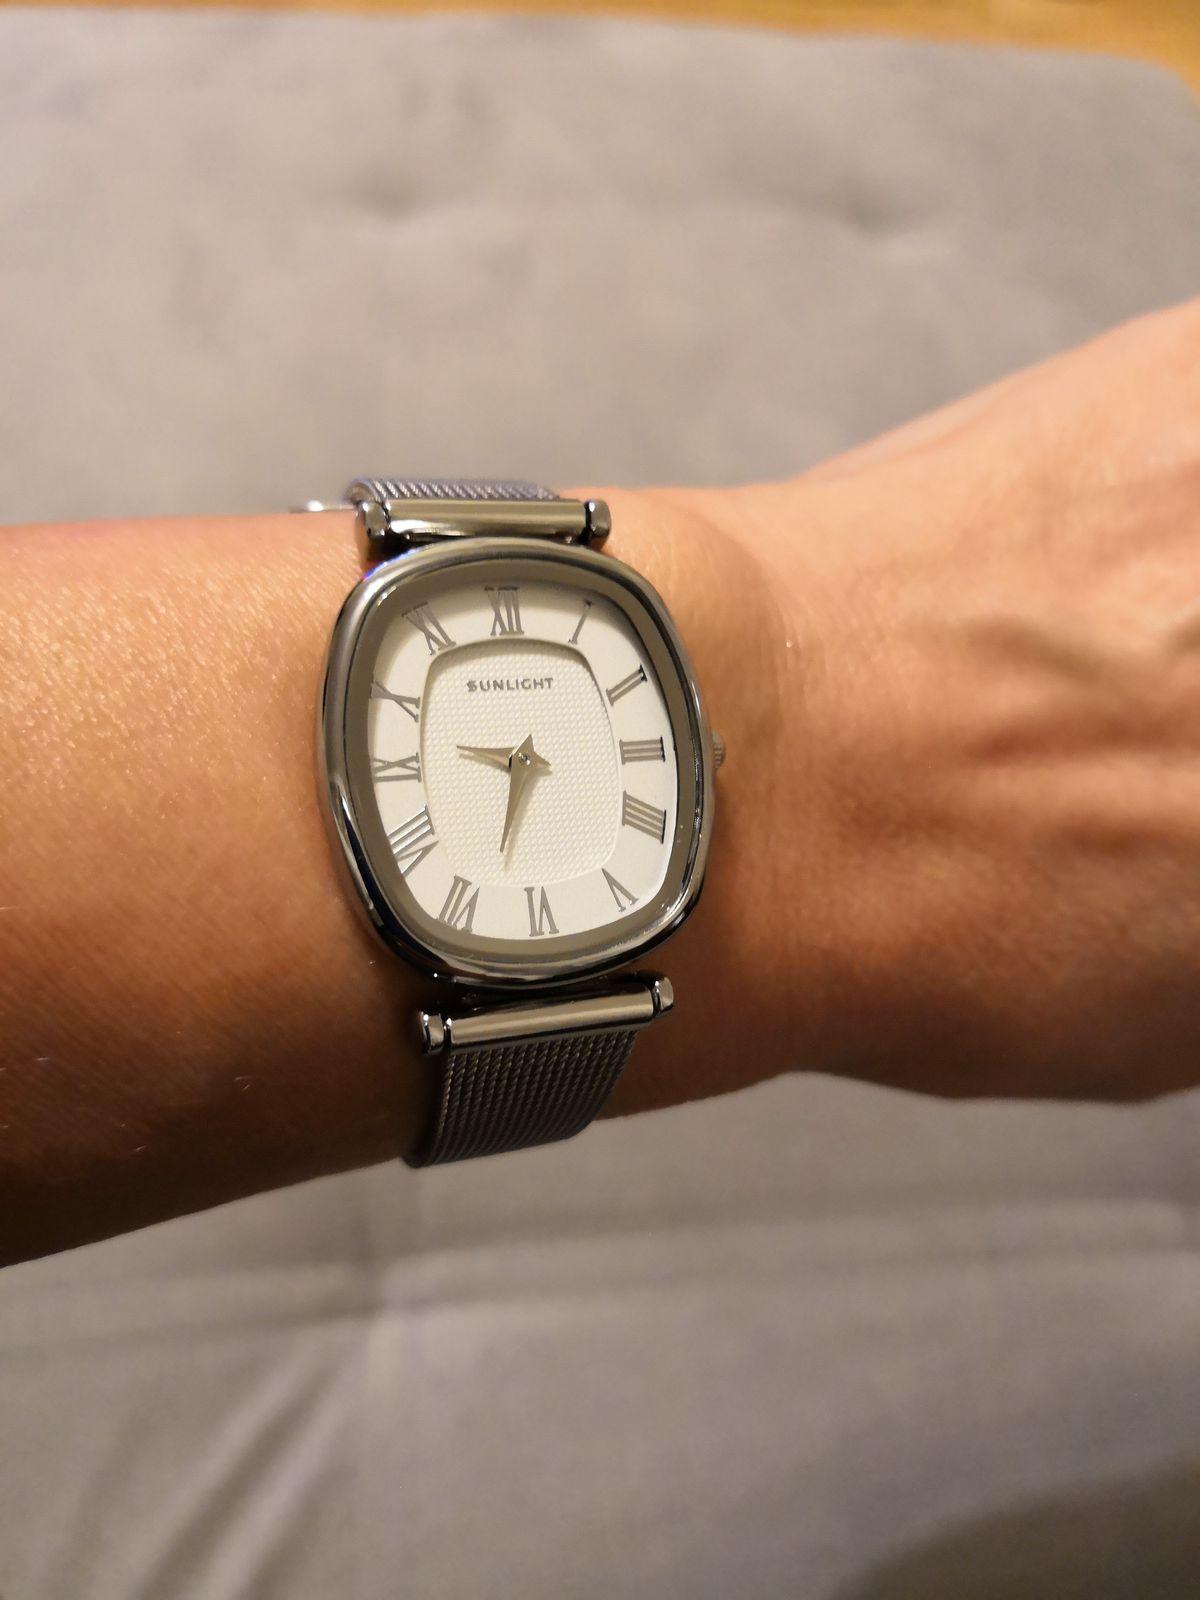 Часы супер!!!! Особенно соответствие цены и качества!!!!